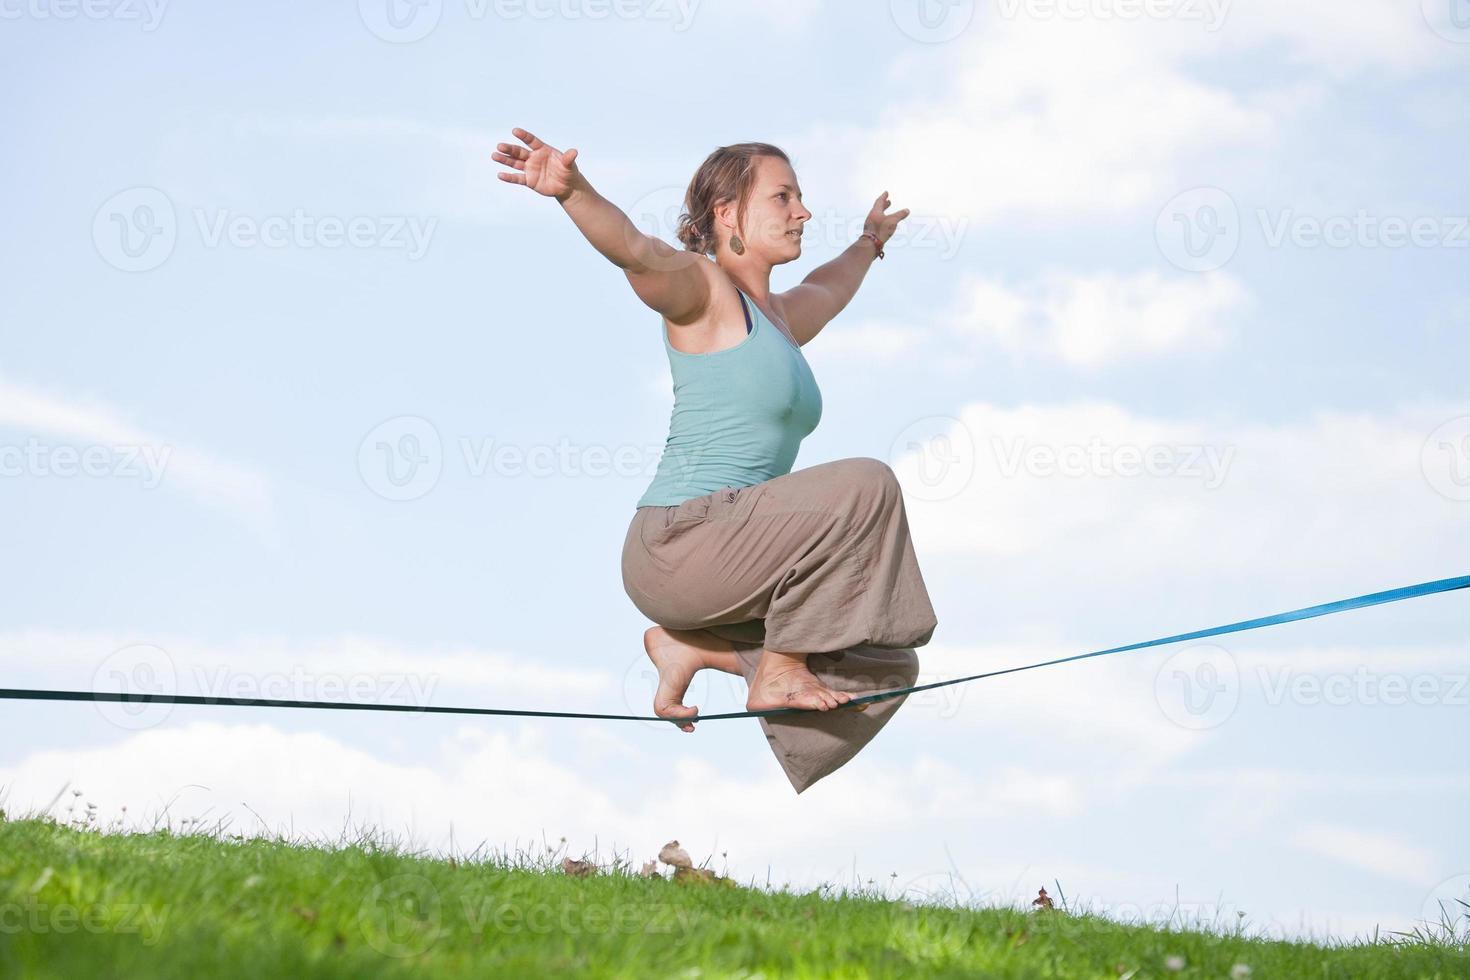 série slackline - jeune femme dans le parc photo